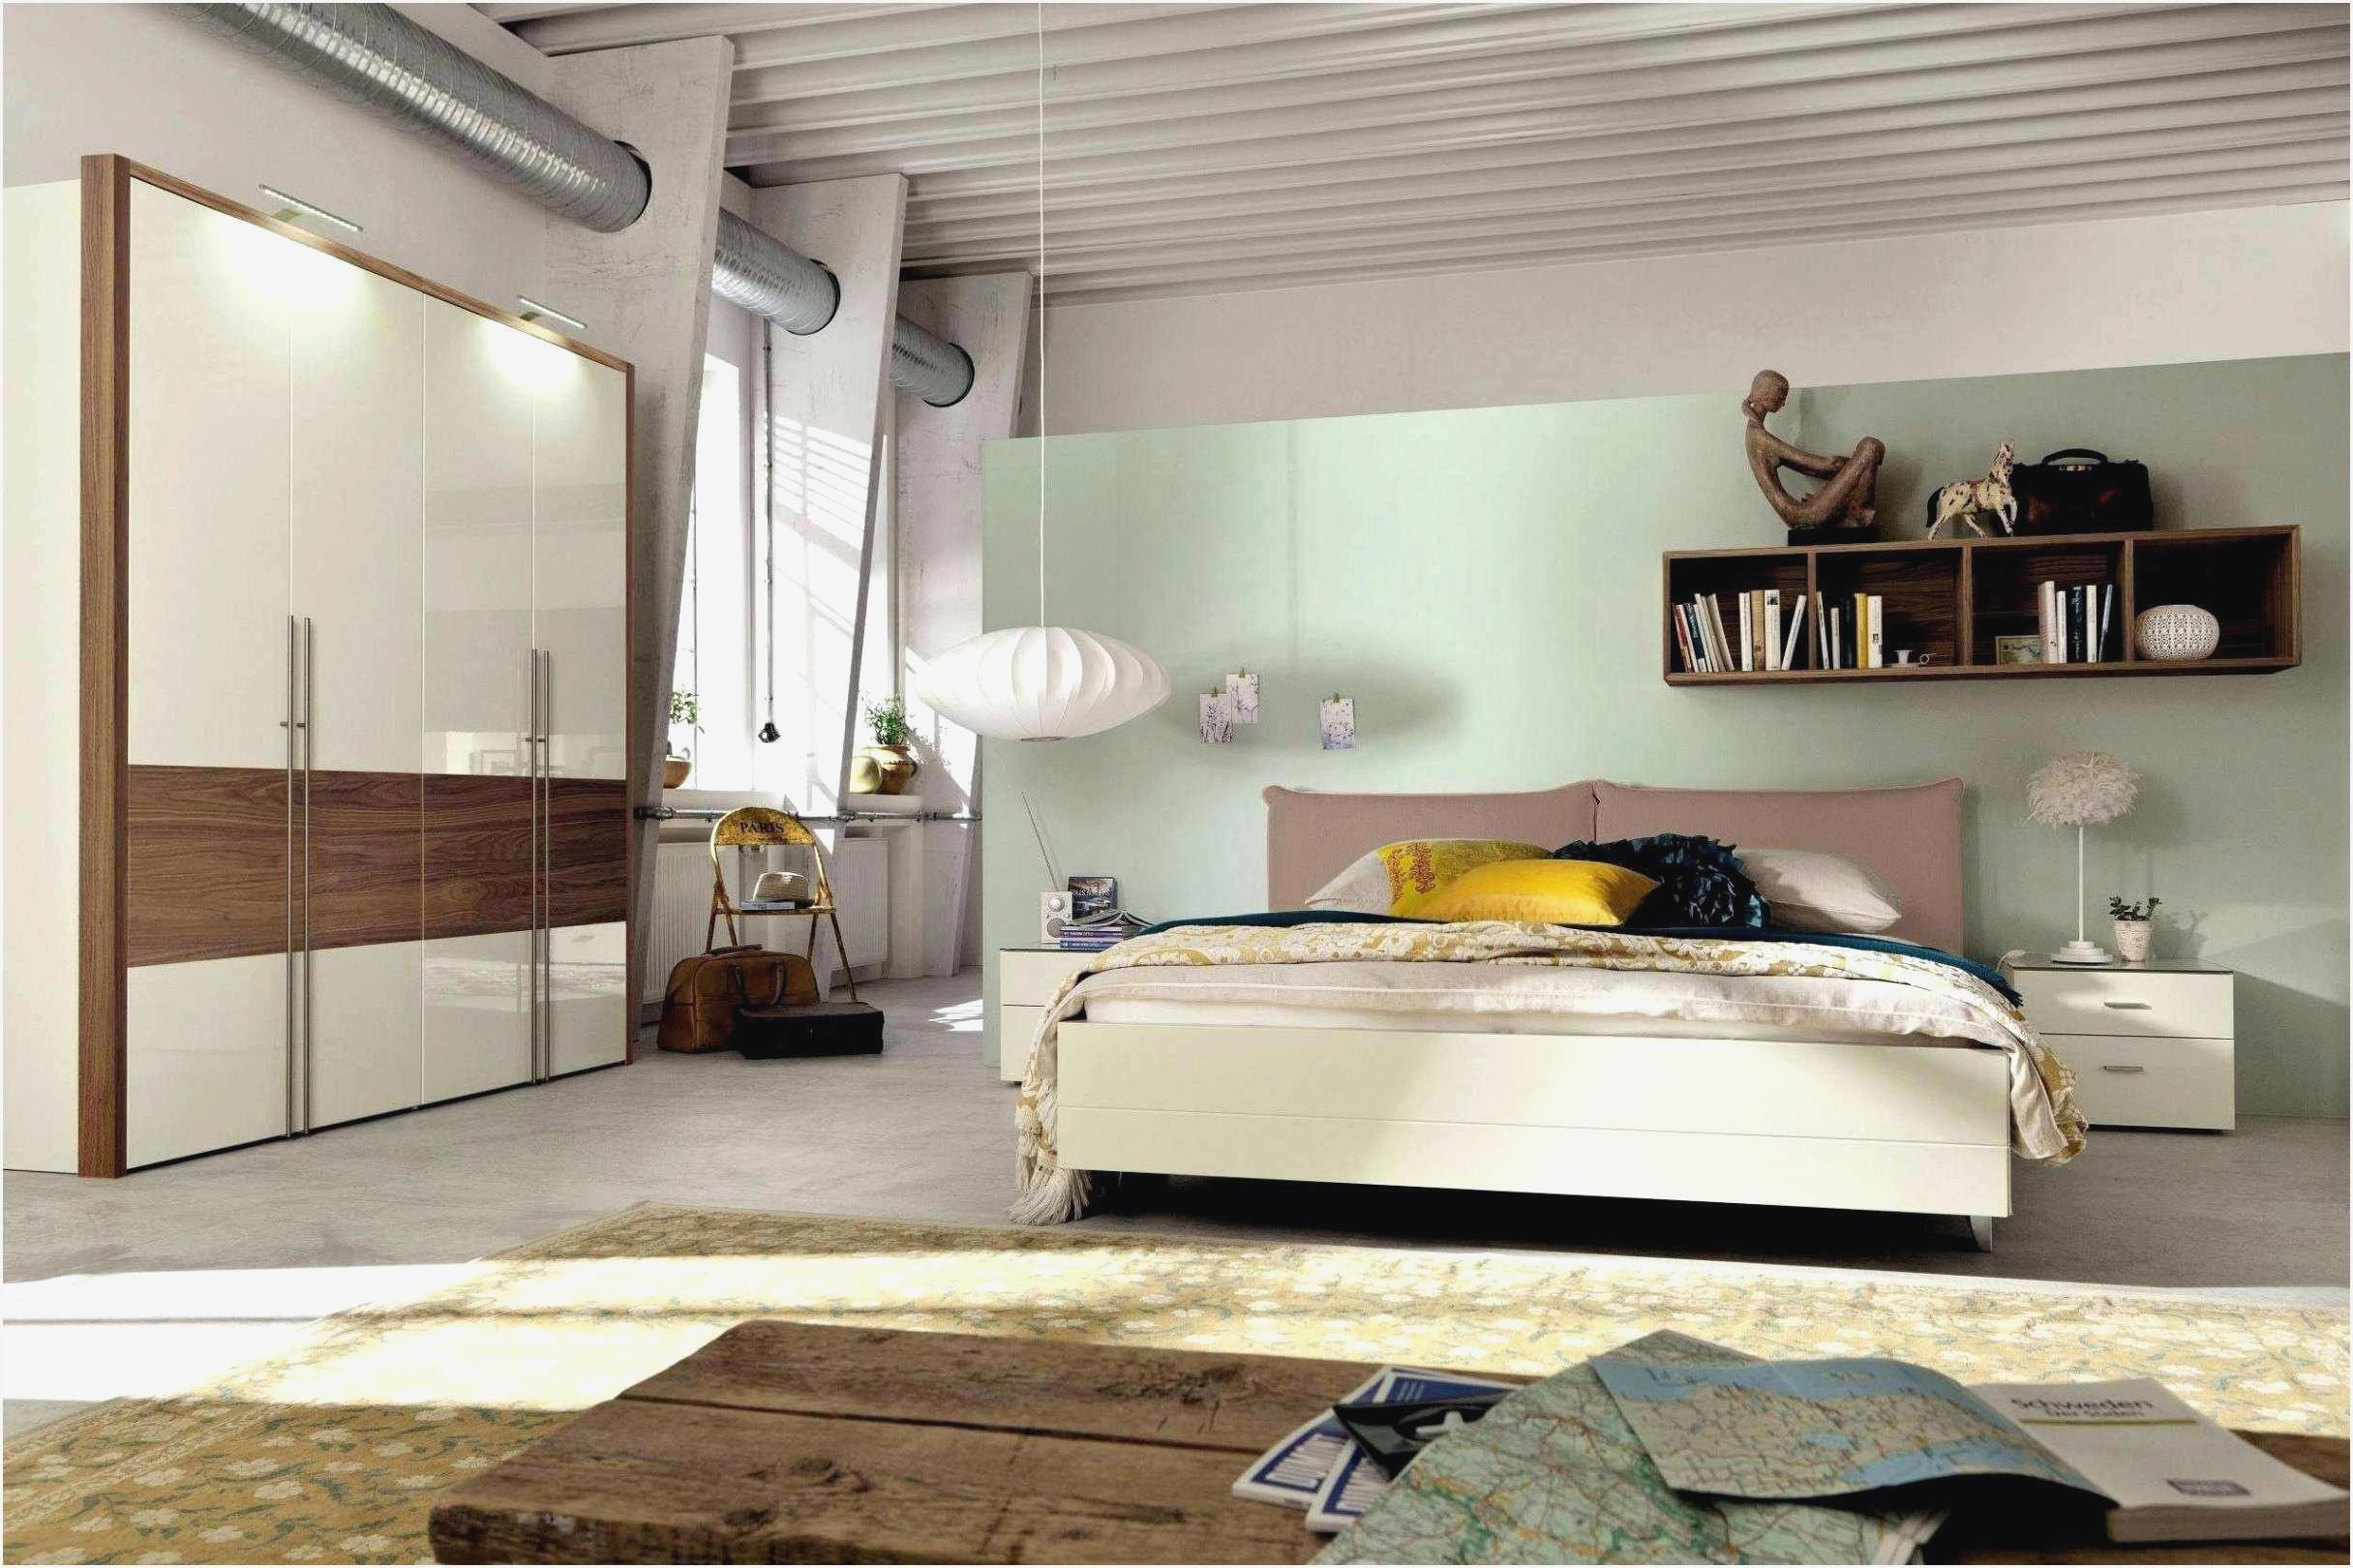 Full Size of Schlafzimmer überbau Berbau Ikea Traumhaus Dekoration Deckenleuchte Modern Sitzbank Weiss Wandtattoo Teppich Lampe Vorhänge Set Mit Boxspringbett Schränke Wohnzimmer Schlafzimmer überbau